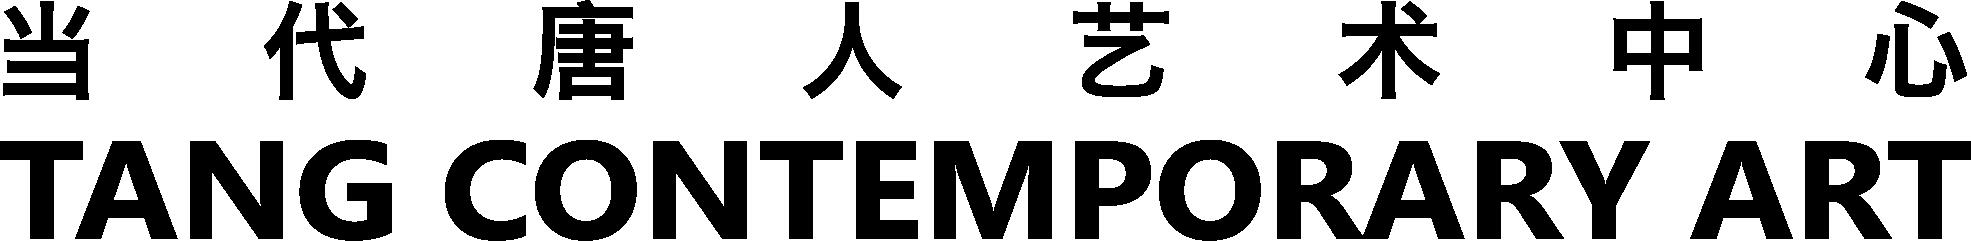 """展览现场 """"它山之石 - 封岩当代摄影展""""苏州博物馆开幕 封岩 苏州博物馆 现场 摄影展 苏州博物馆现代艺术厅 个展 现代主义 展场 系列 ?石 崇真艺客"""